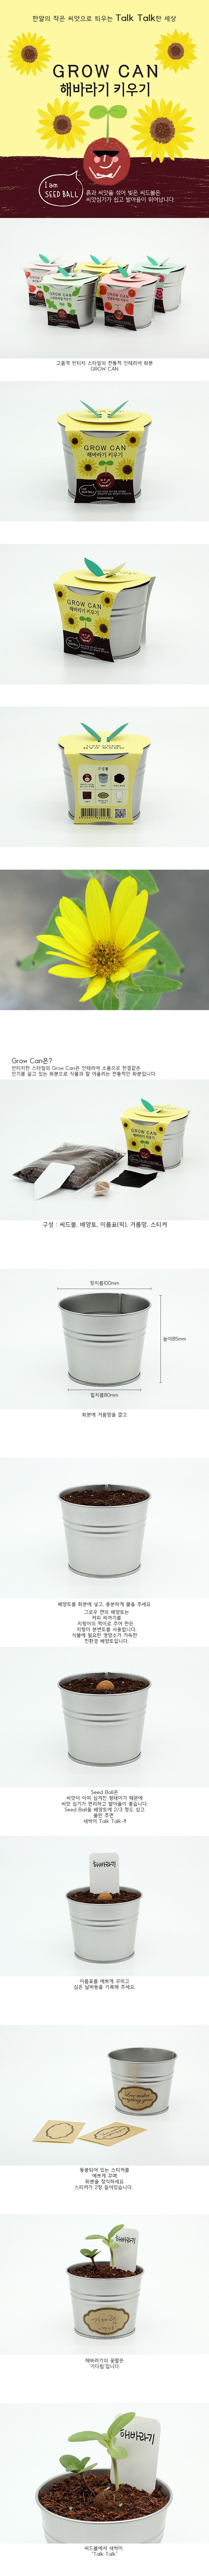 new그로우캔_미니해바라기 - 틔움세상, 6,000원, 새싹/모종키우기, 새싹 키우기